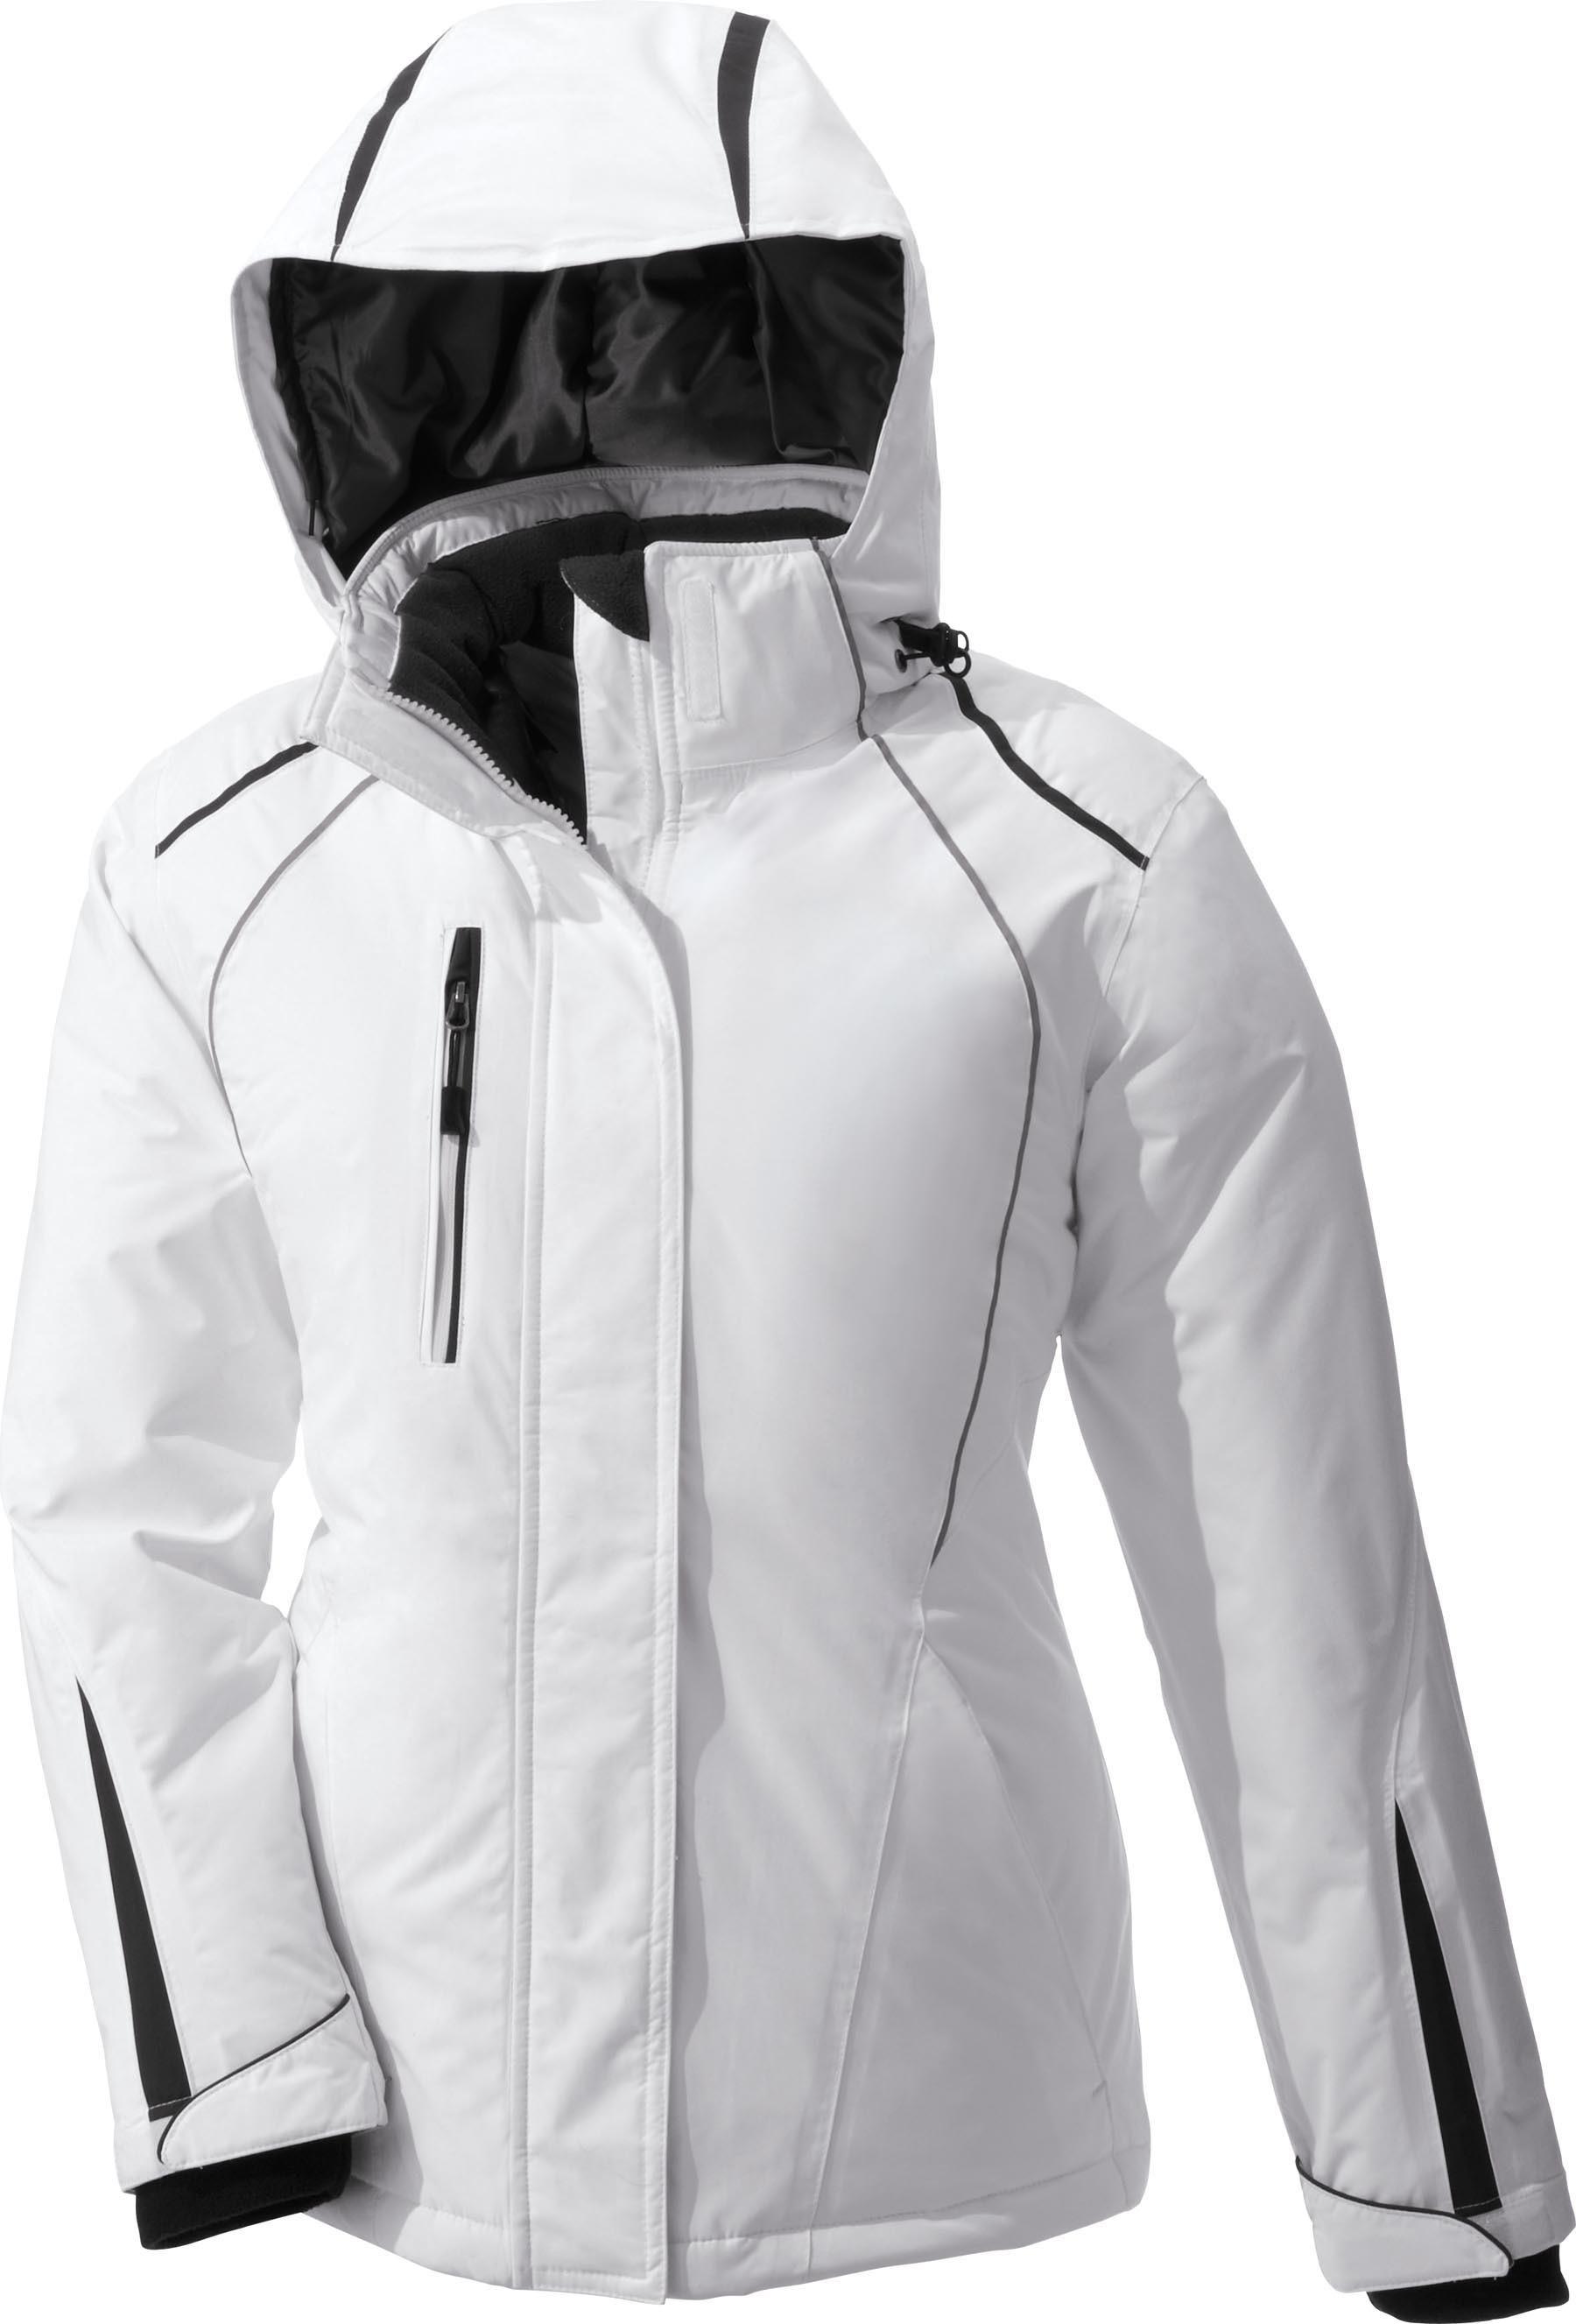 Ash City UTK 3 Warm.Logik 78652 - Altitude Ladies' Seam-Sealed Insulated Jacket